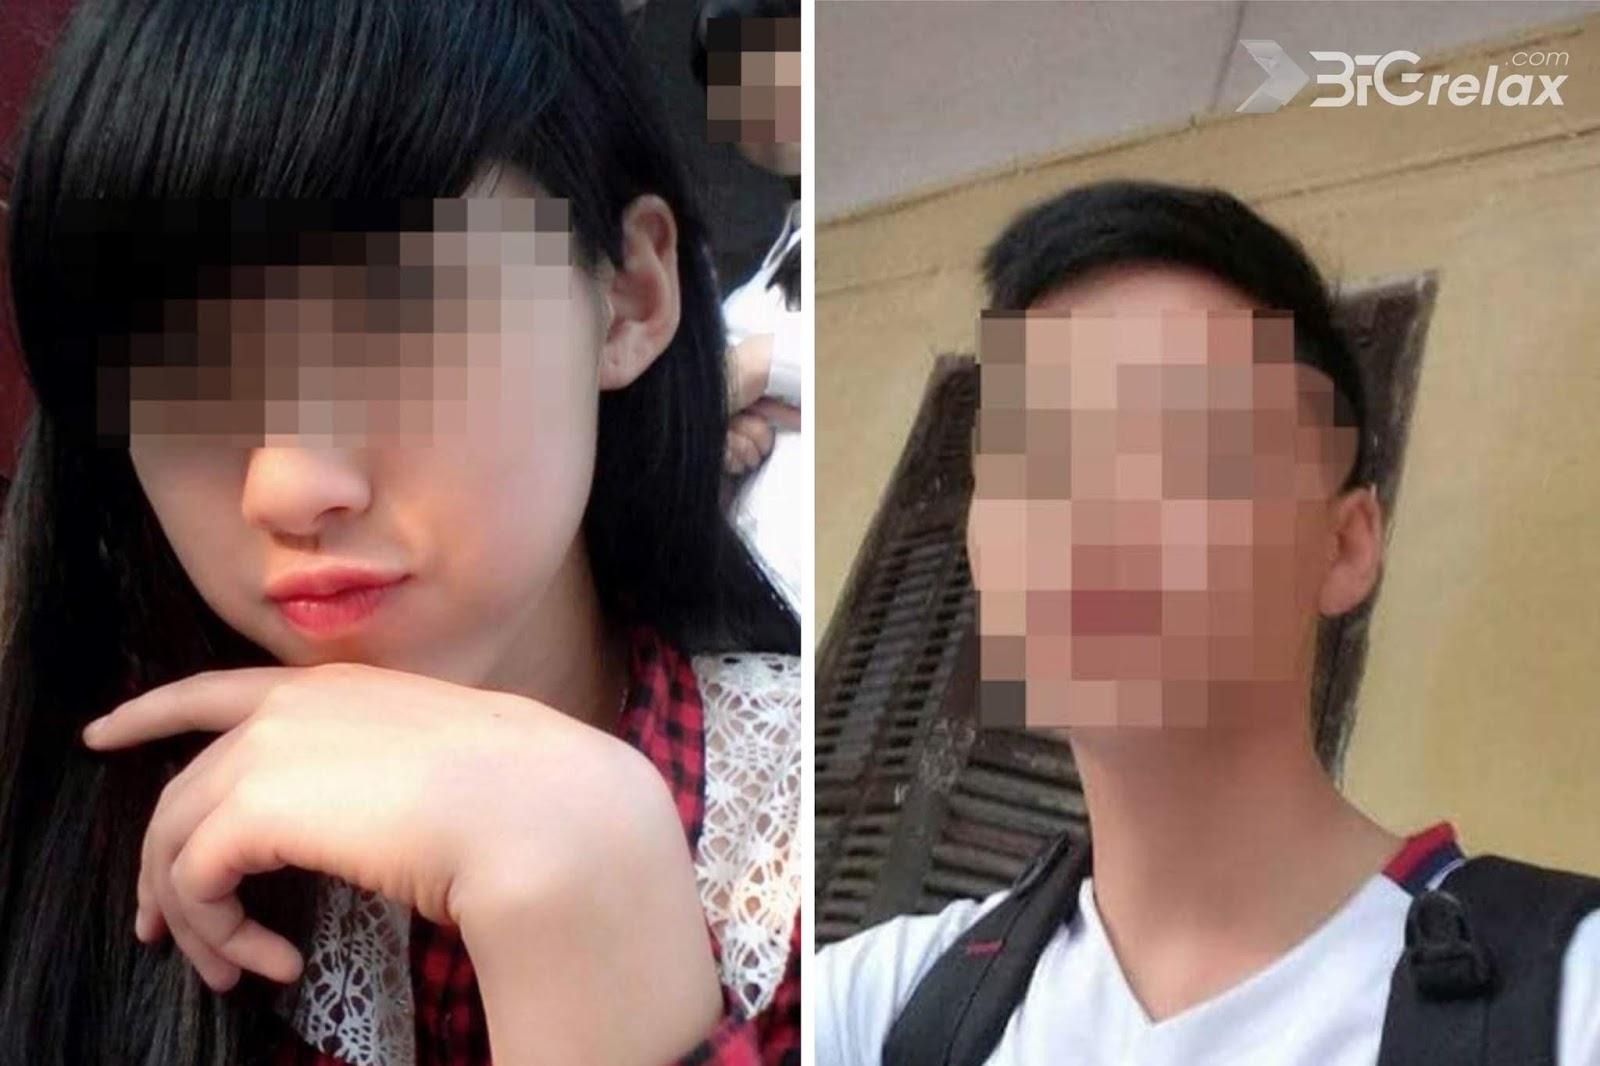 Không còn trong trắng, nữ sinh bị bạn trai hành hạ, ép chụp ảnh khỏa thân - 1